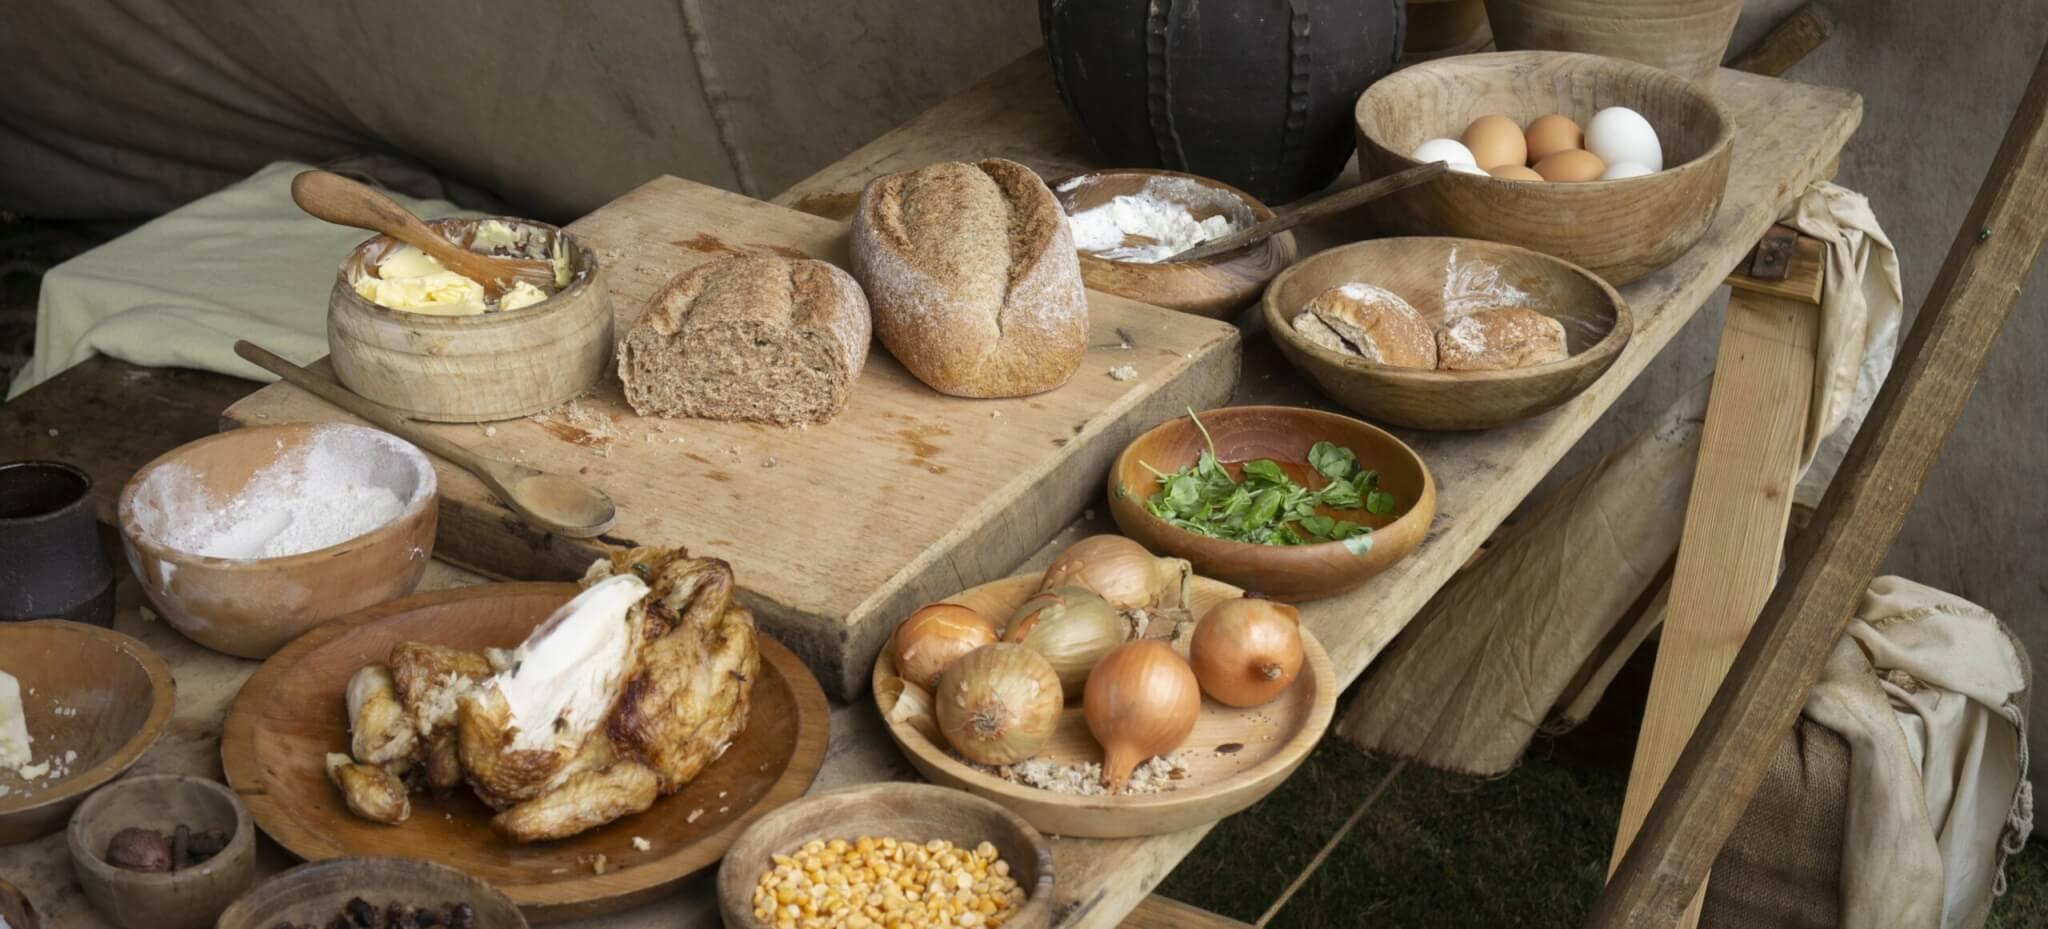 mittelalterliche Mahlzeit